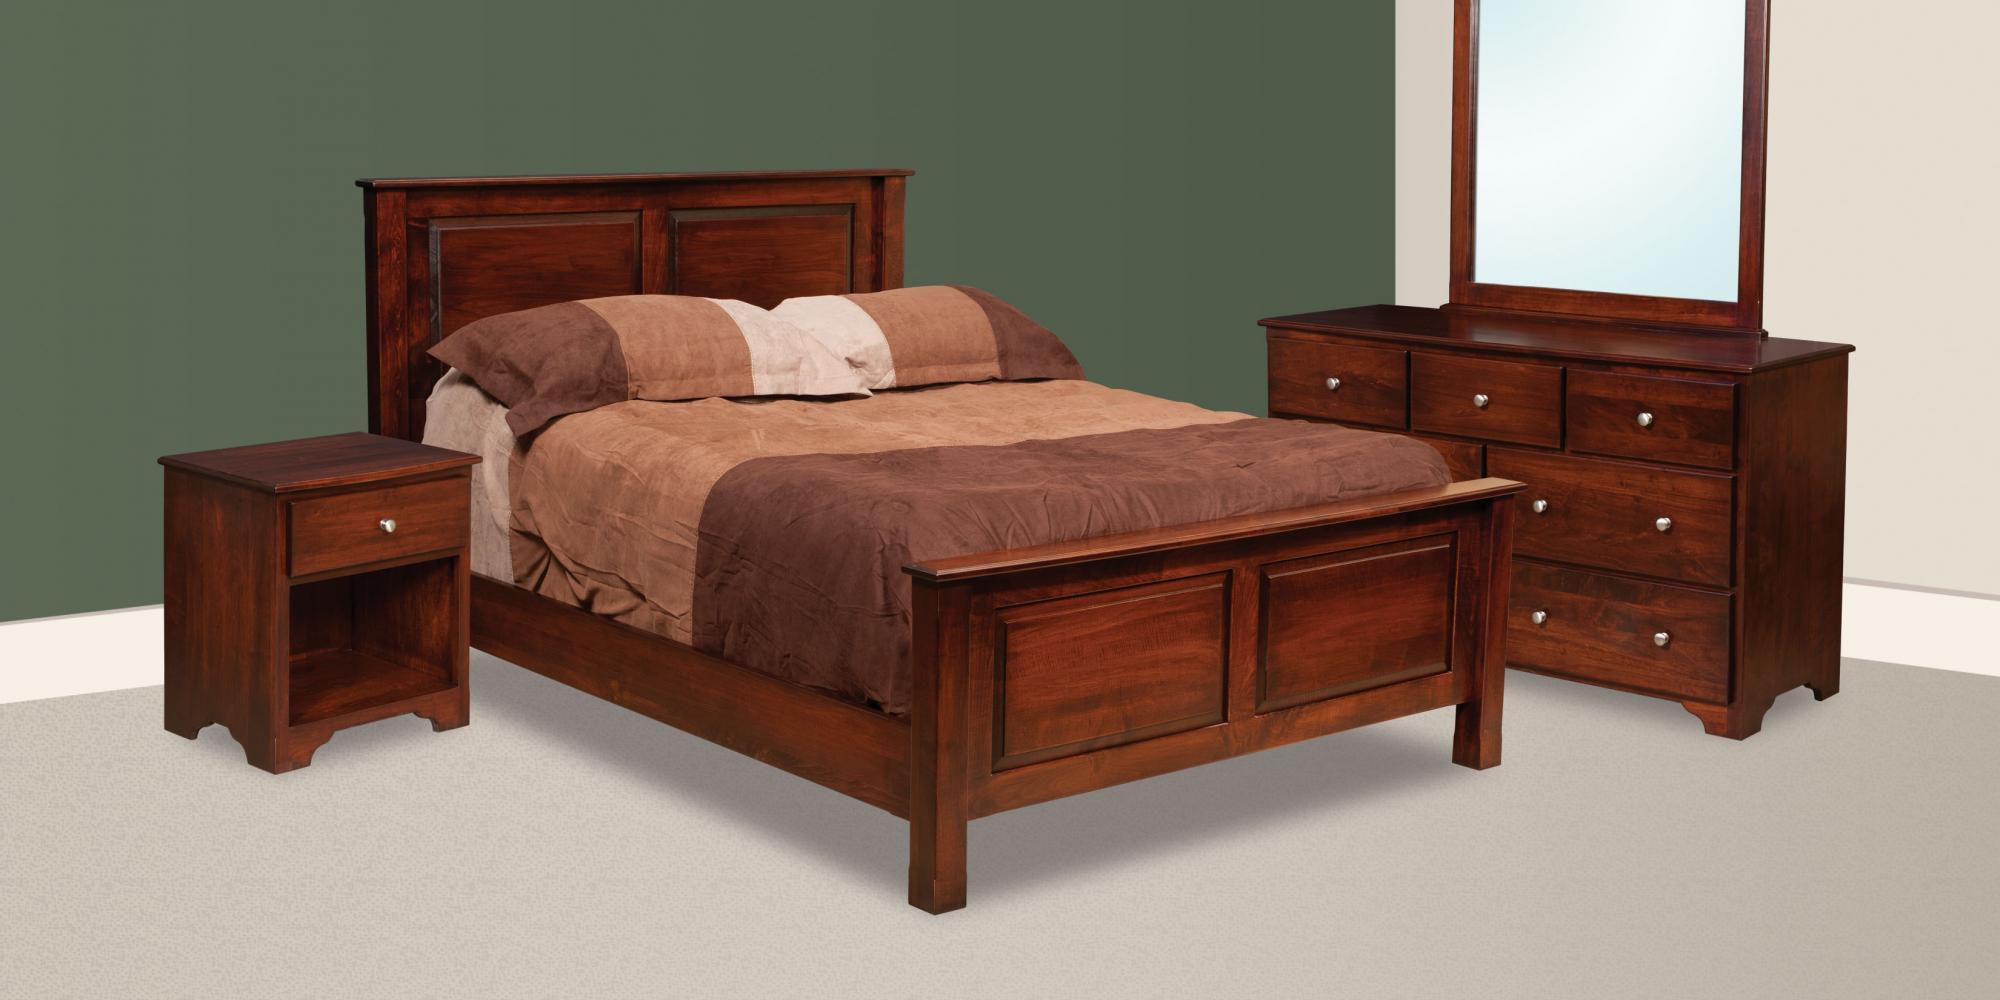 Amish Furniture For Mankato MN